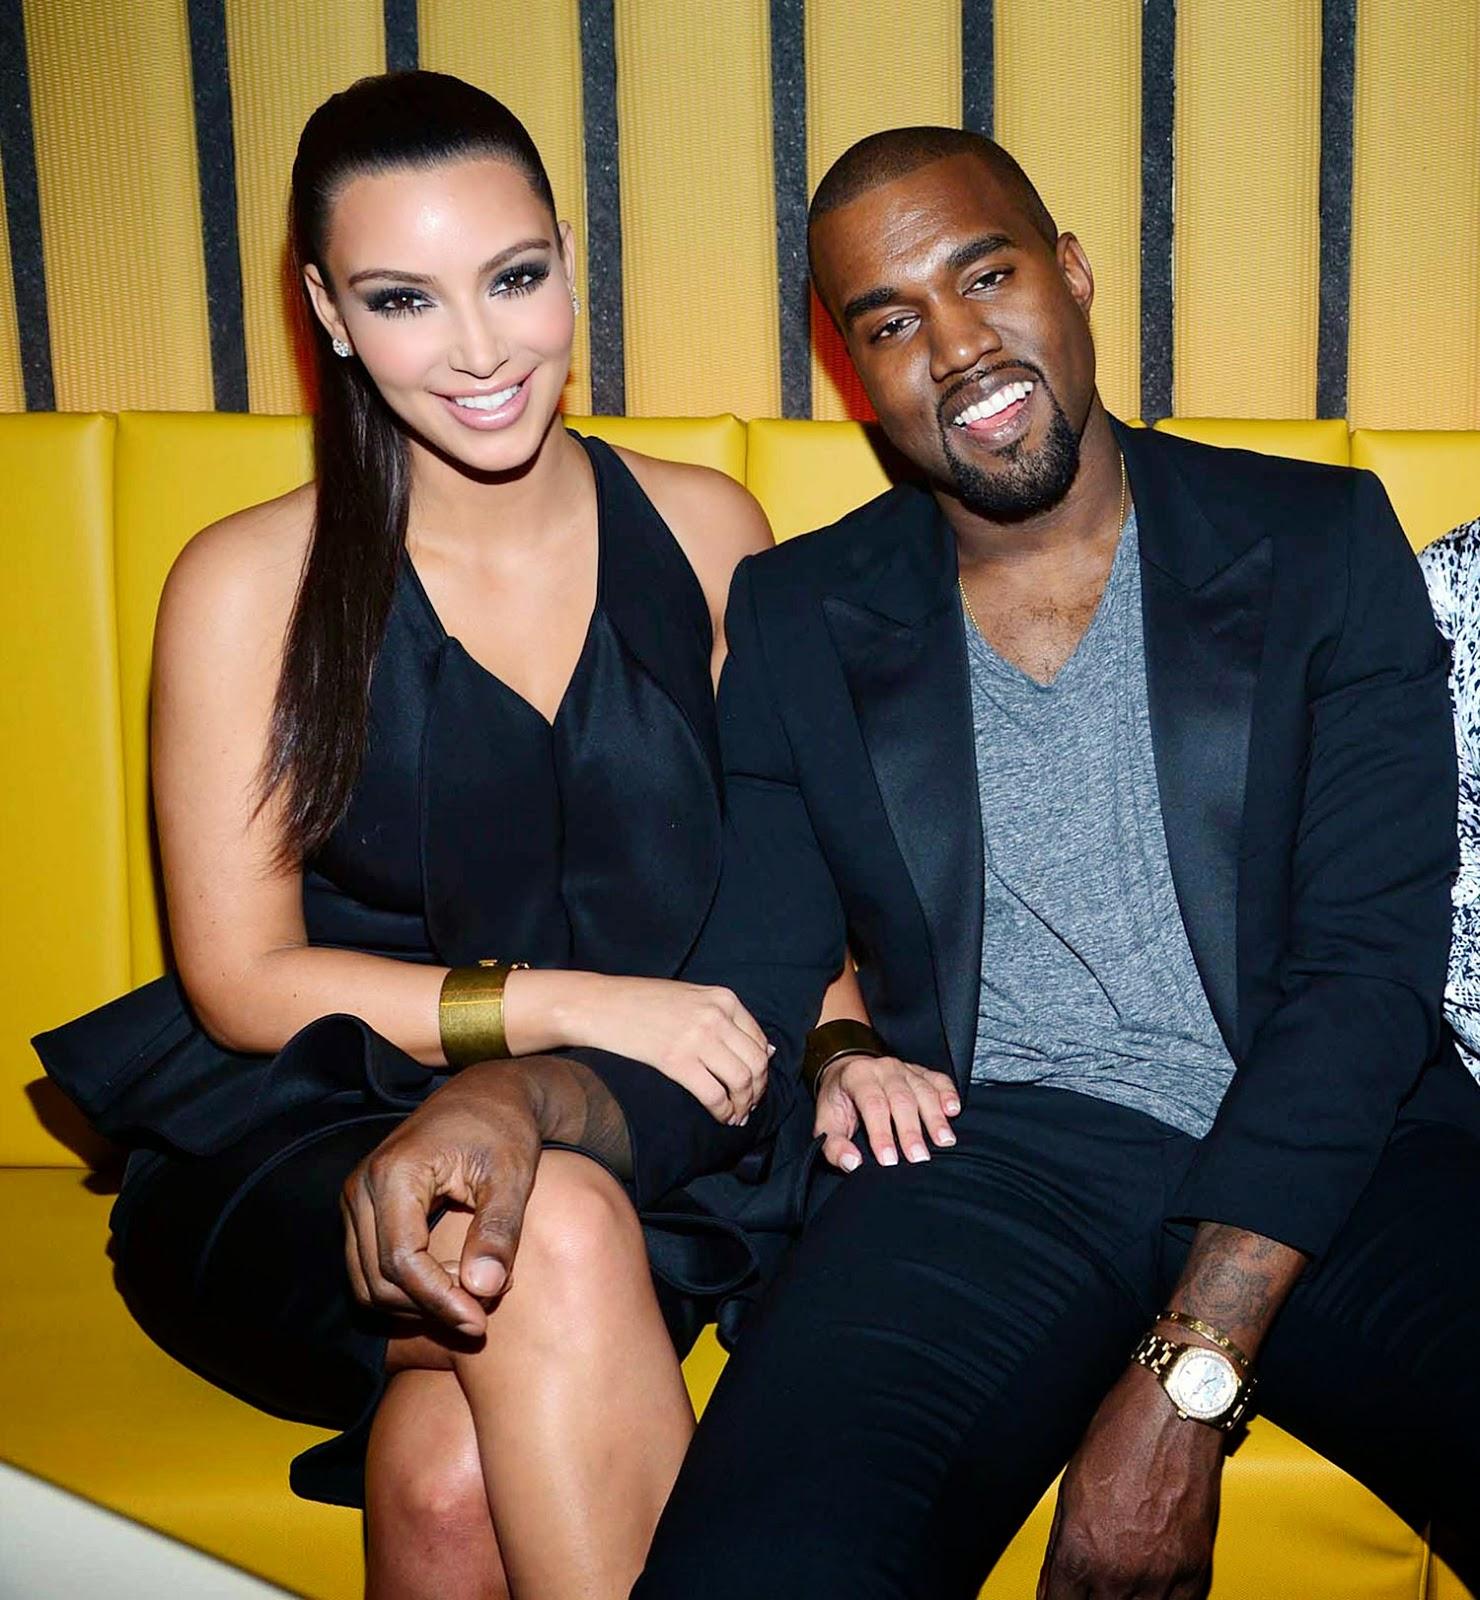 Ingin Punya Anak Lagi, Kim Kardashian & Kanye West Bercinta 500 Kali Sehari